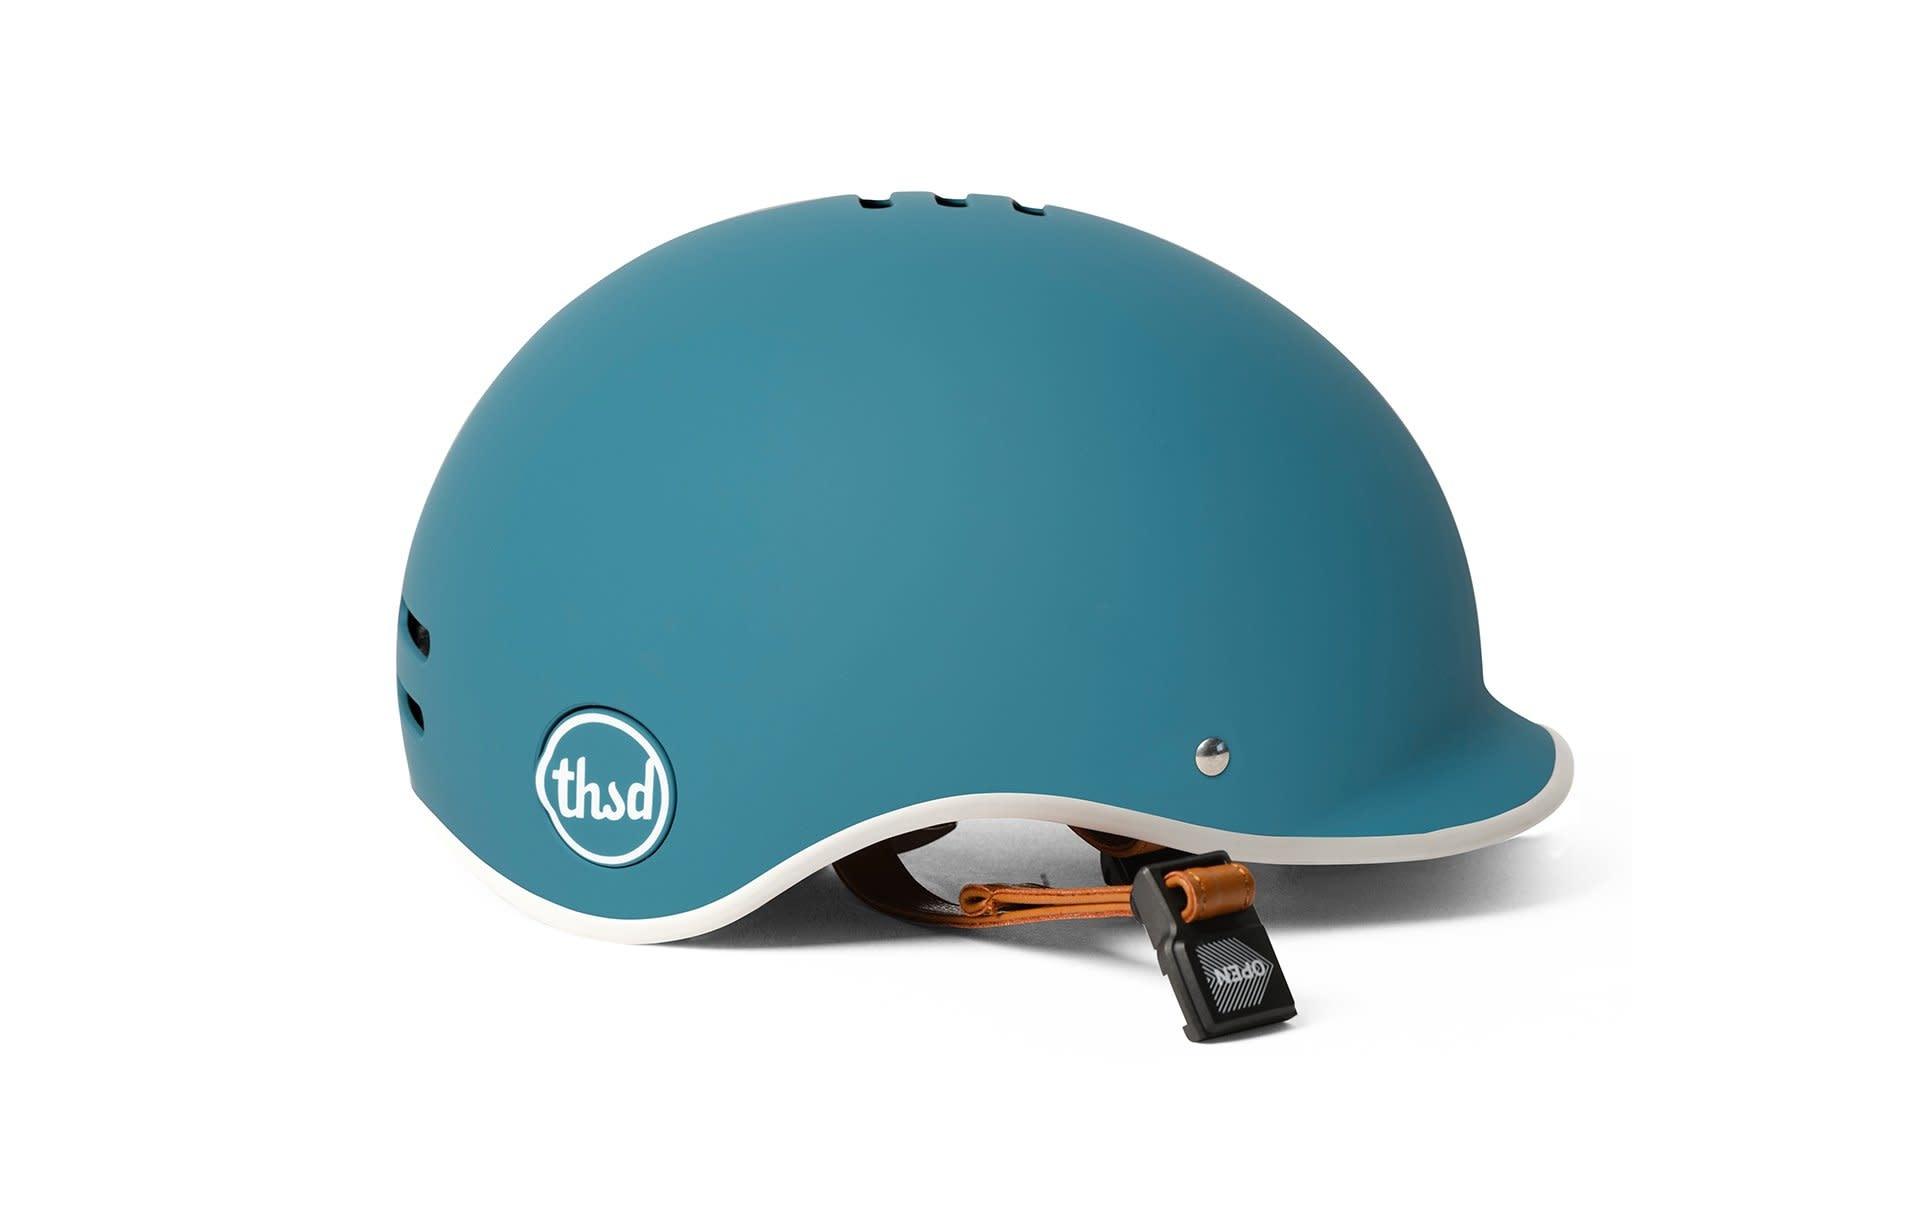 Thousand Helmet - Coastal Blue